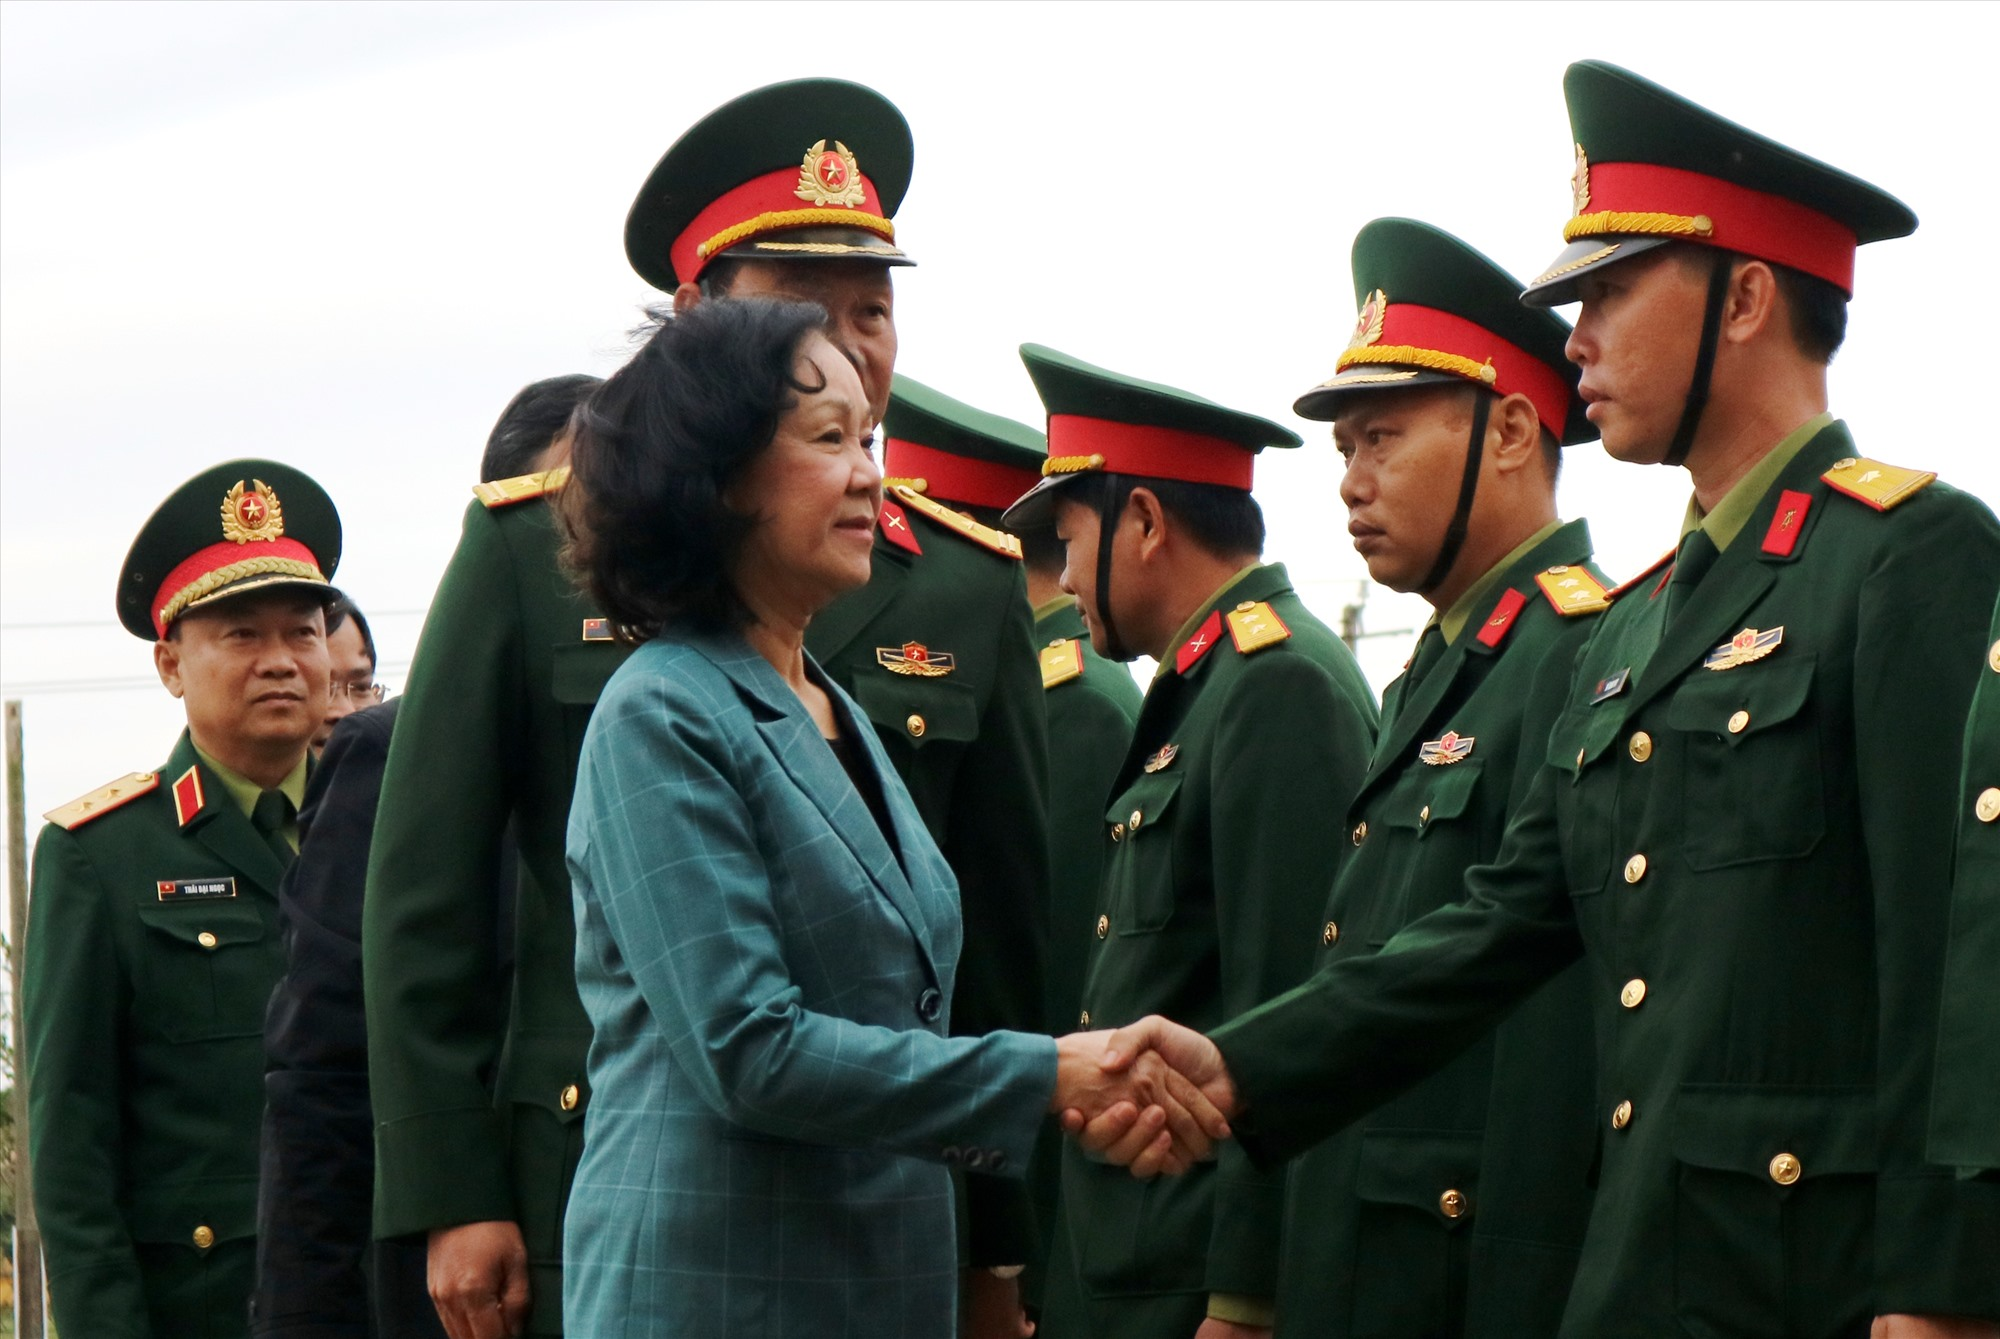 Đồng chí Trương Thị Mai động viên tinh thần các chiến sĩ Trung đoàn 143. Đồng thời bày tỏ niềm vui trước những danh hiệu mà đơn vị quân đội này đạt được thời gian qua. Ảnh: A.N